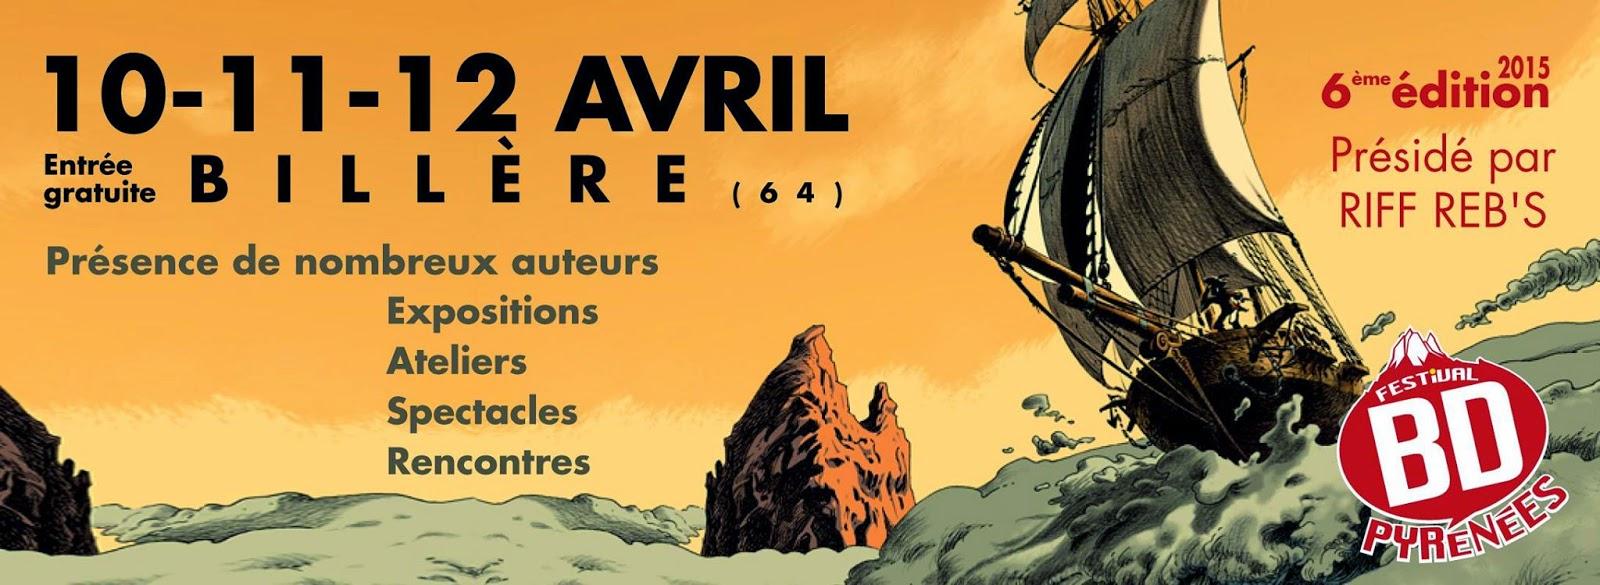 Écume de bulles sur les Pyrénées après le festival BD 2015